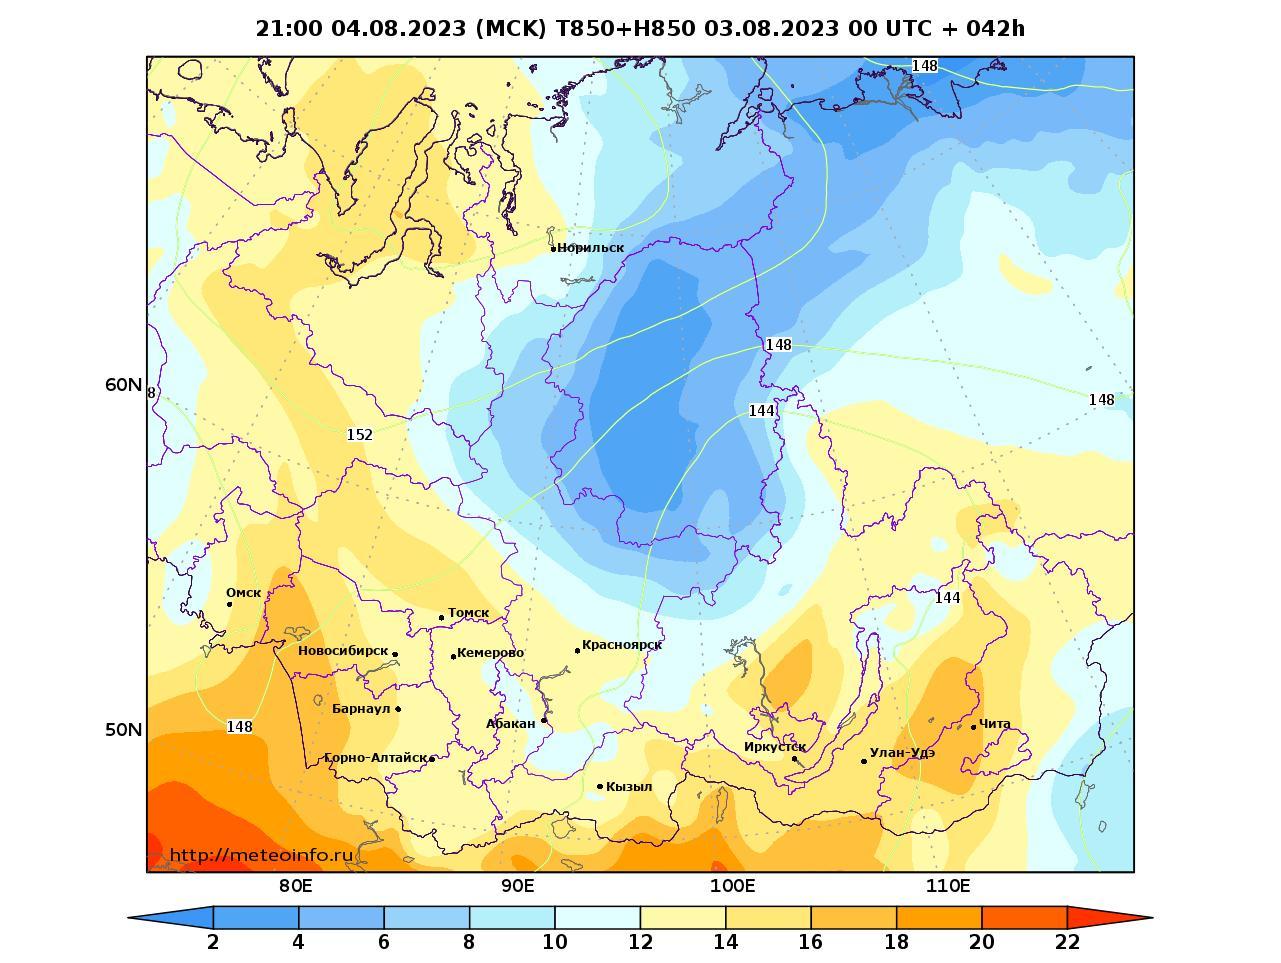 Сибирский Федеральный округ, прогностическая карта температура T850 и геопотенциал H850, заблаговременность прогноза 42 часа